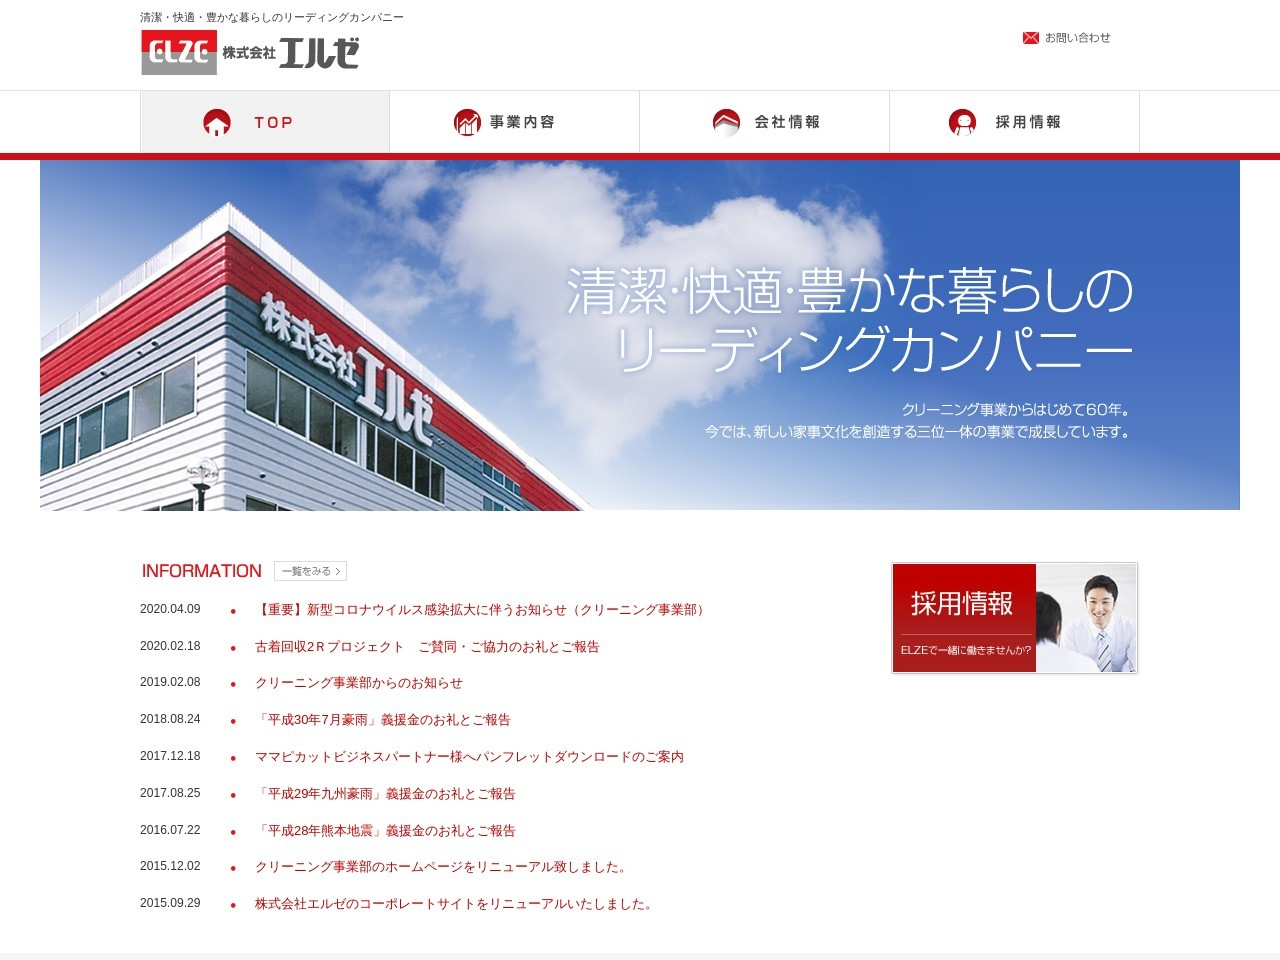 株式会社エルゼ:コーポレートサイト